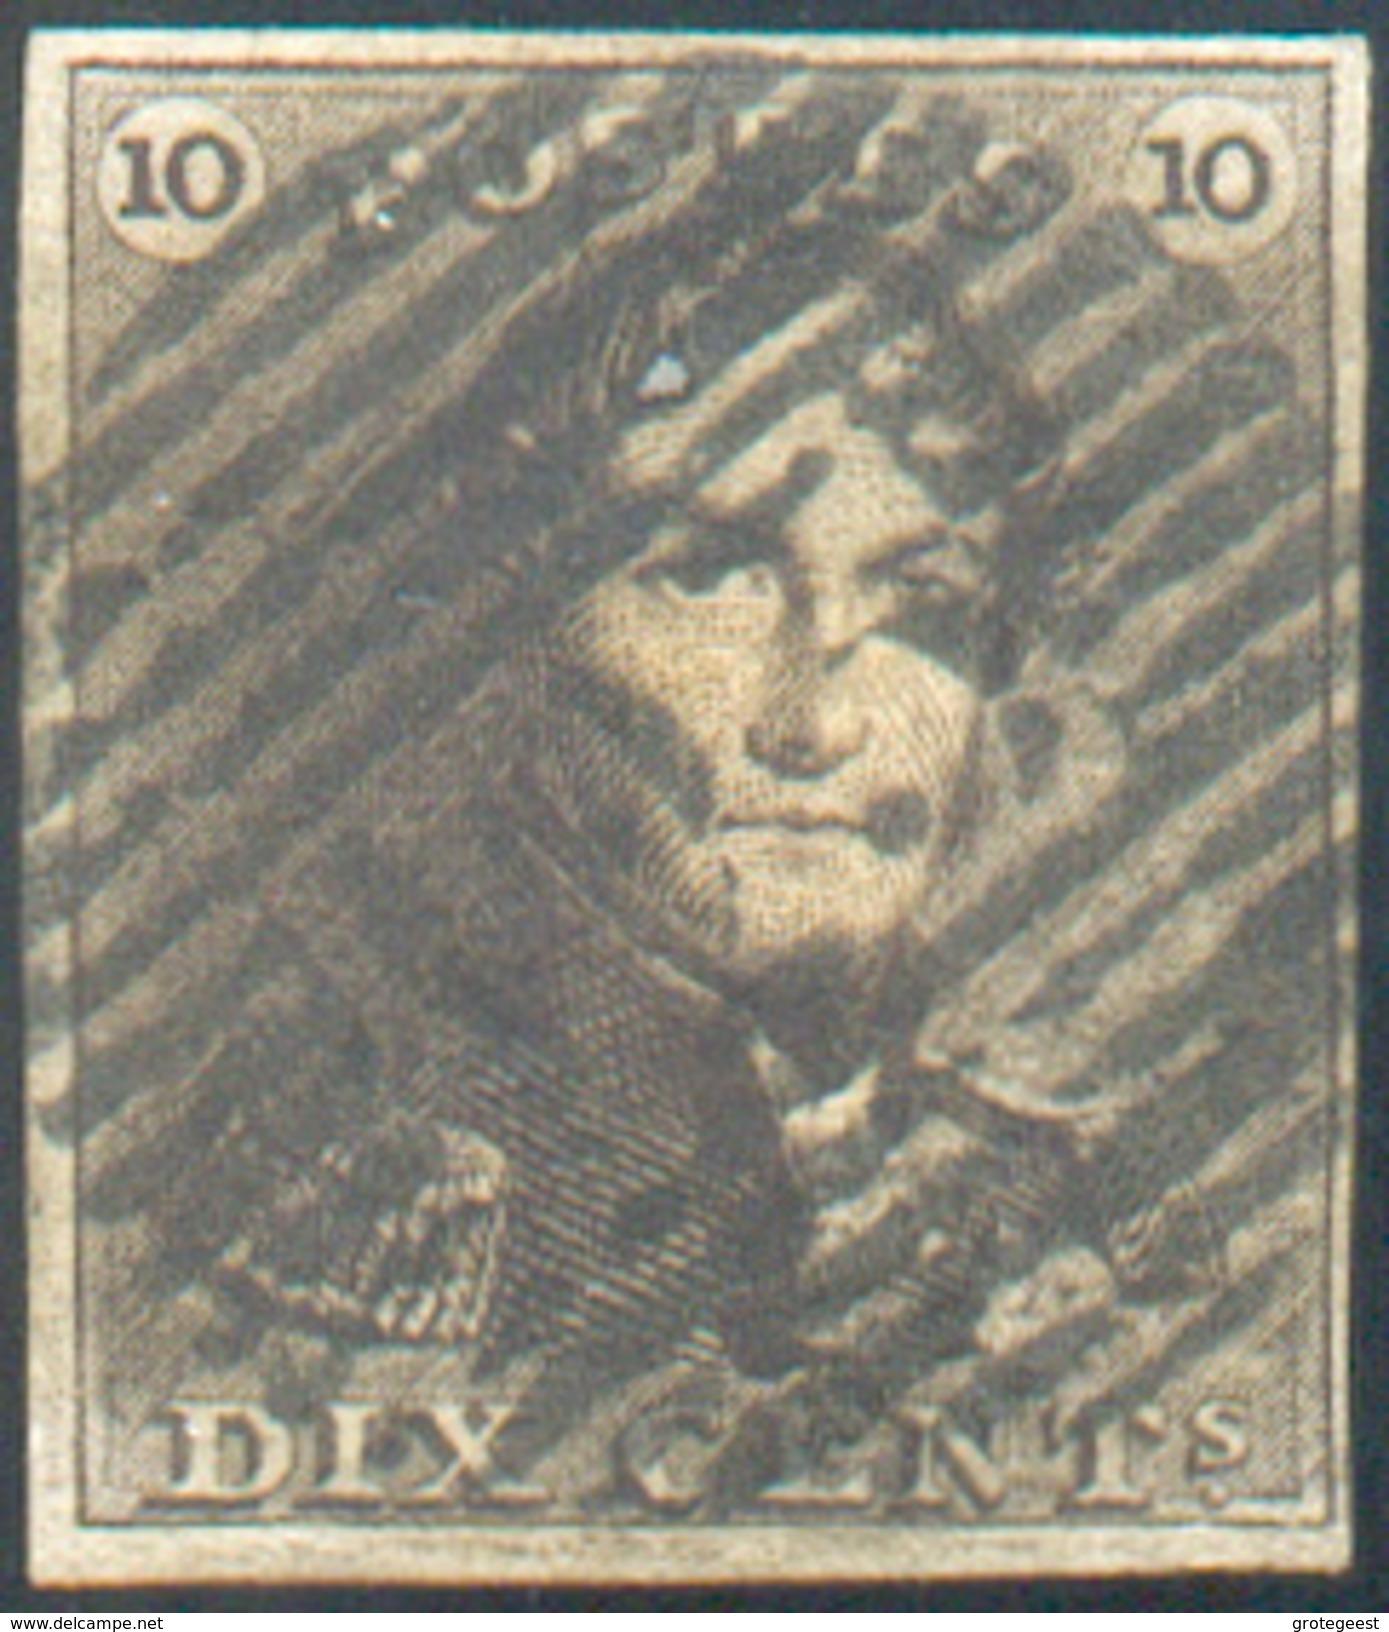 N°1 - Epaulette 10 Centimes Brun Foncé, TB Margée Et Obl. P.123 VERVIERS Idéalement Apposée.  Regard Dégagé.  - 11602 - 1849 Epaulettes